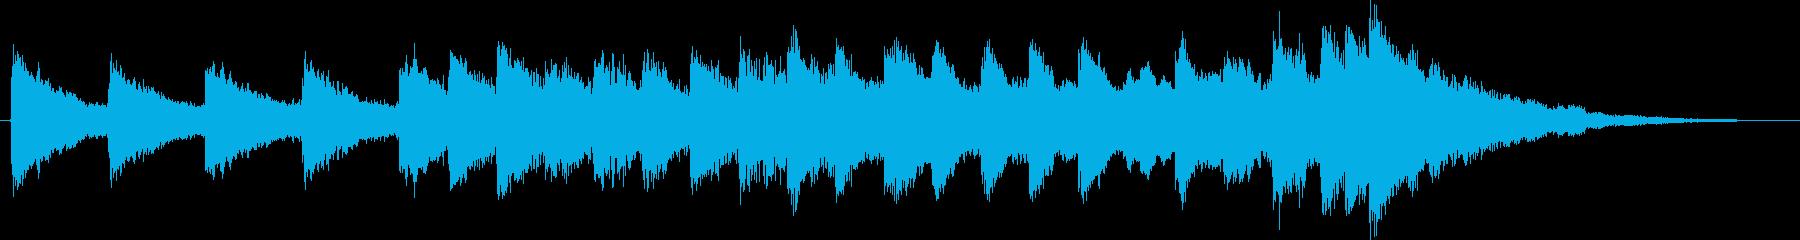 時計をイメージしたチャイムの再生済みの波形